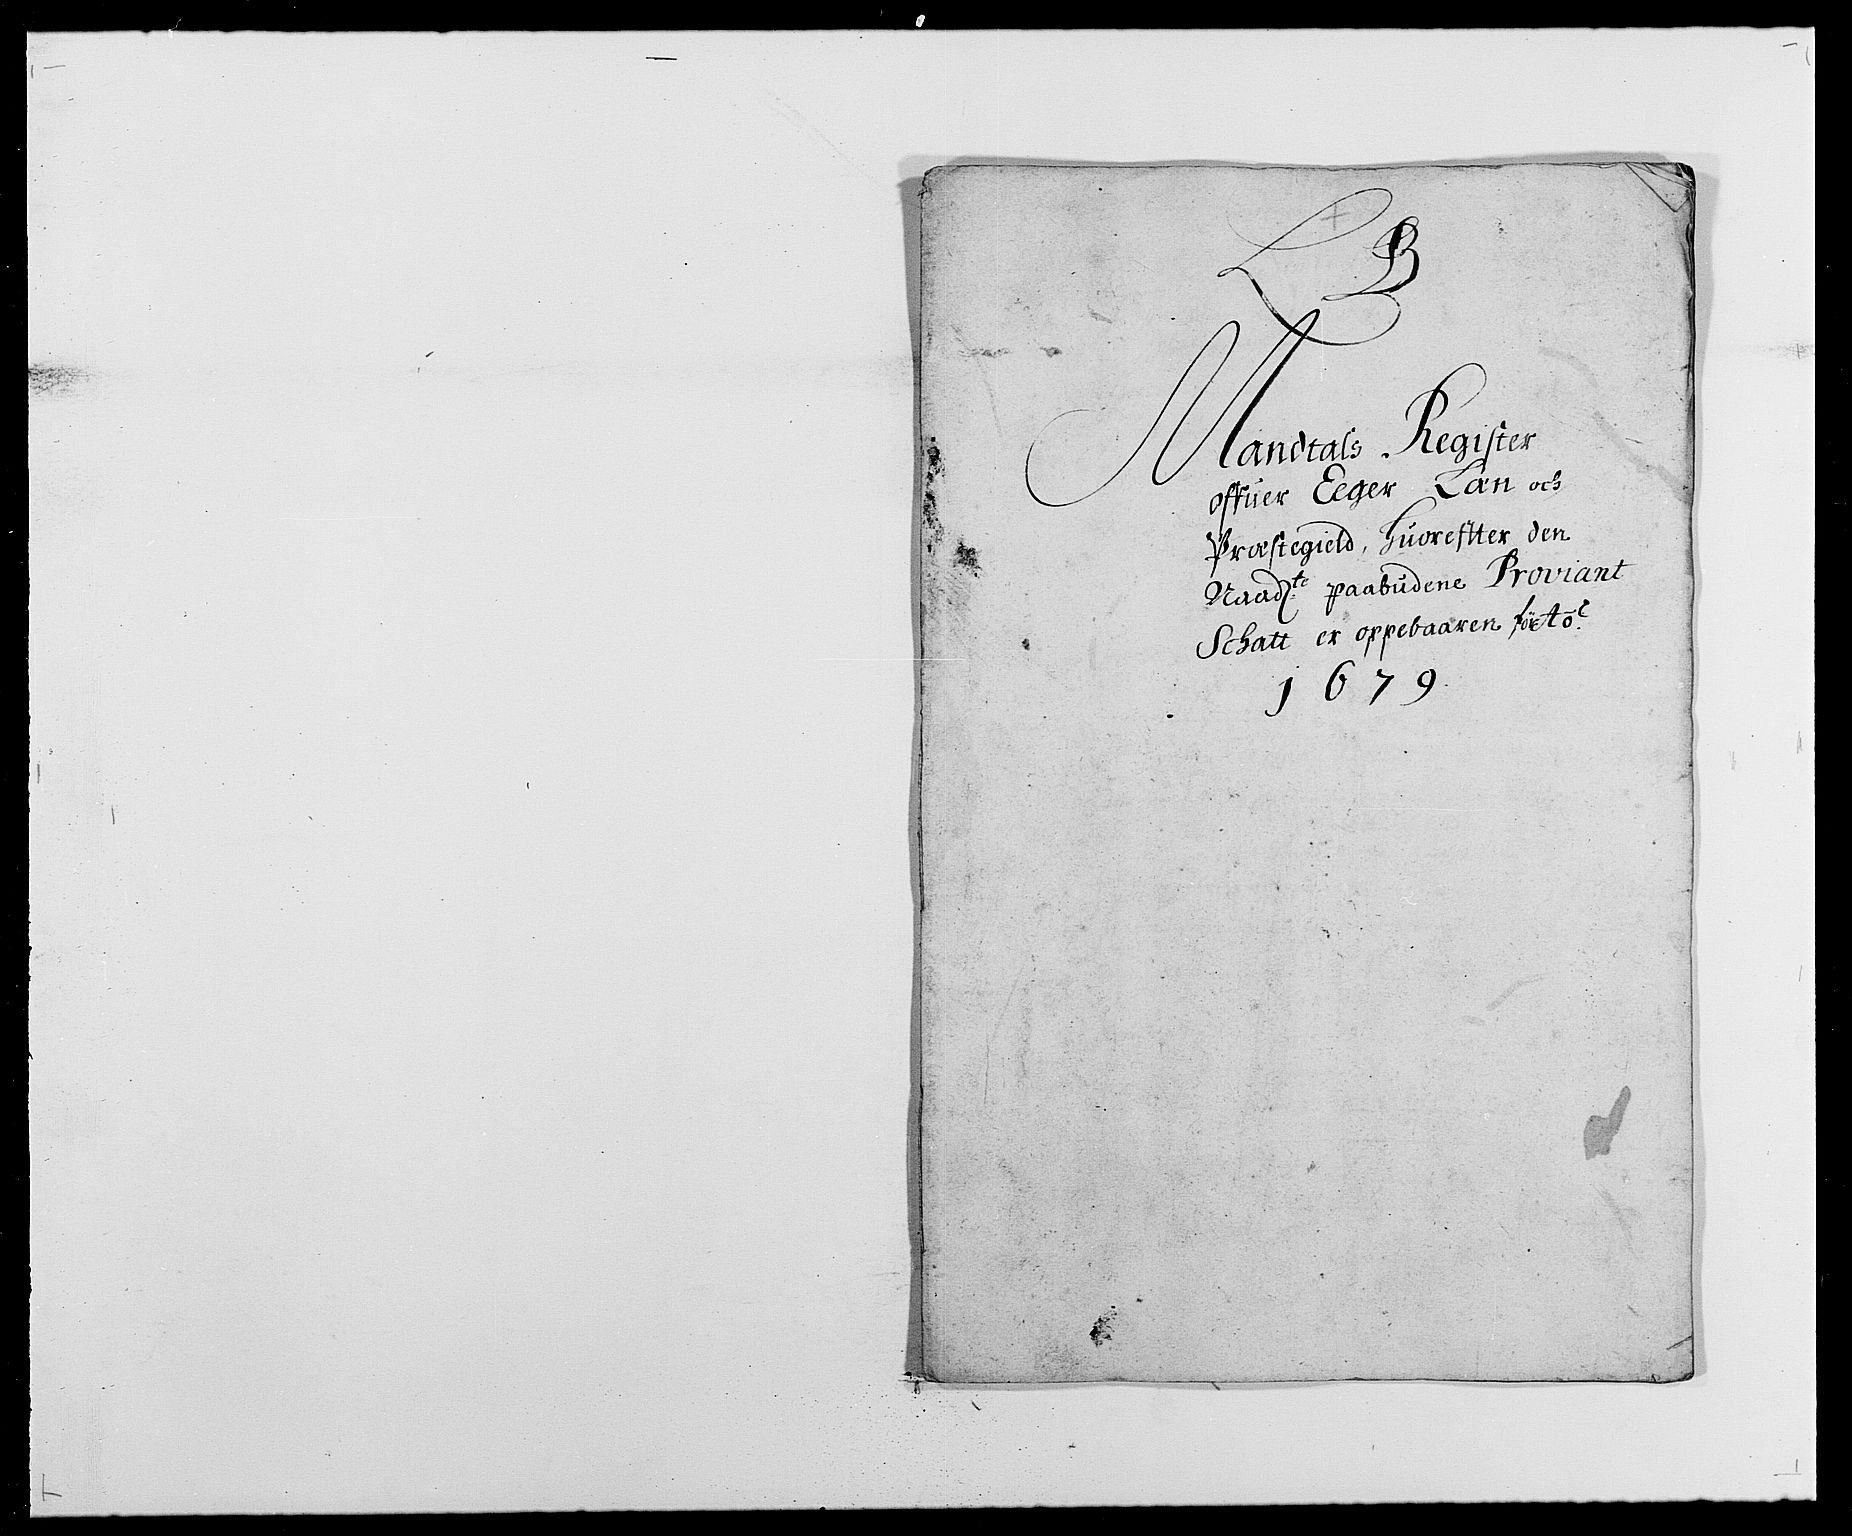 RA, Rentekammeret inntil 1814, Reviderte regnskaper, Fogderegnskap, R26/L1684: Fogderegnskap Eiker, 1679-1686, s. 49